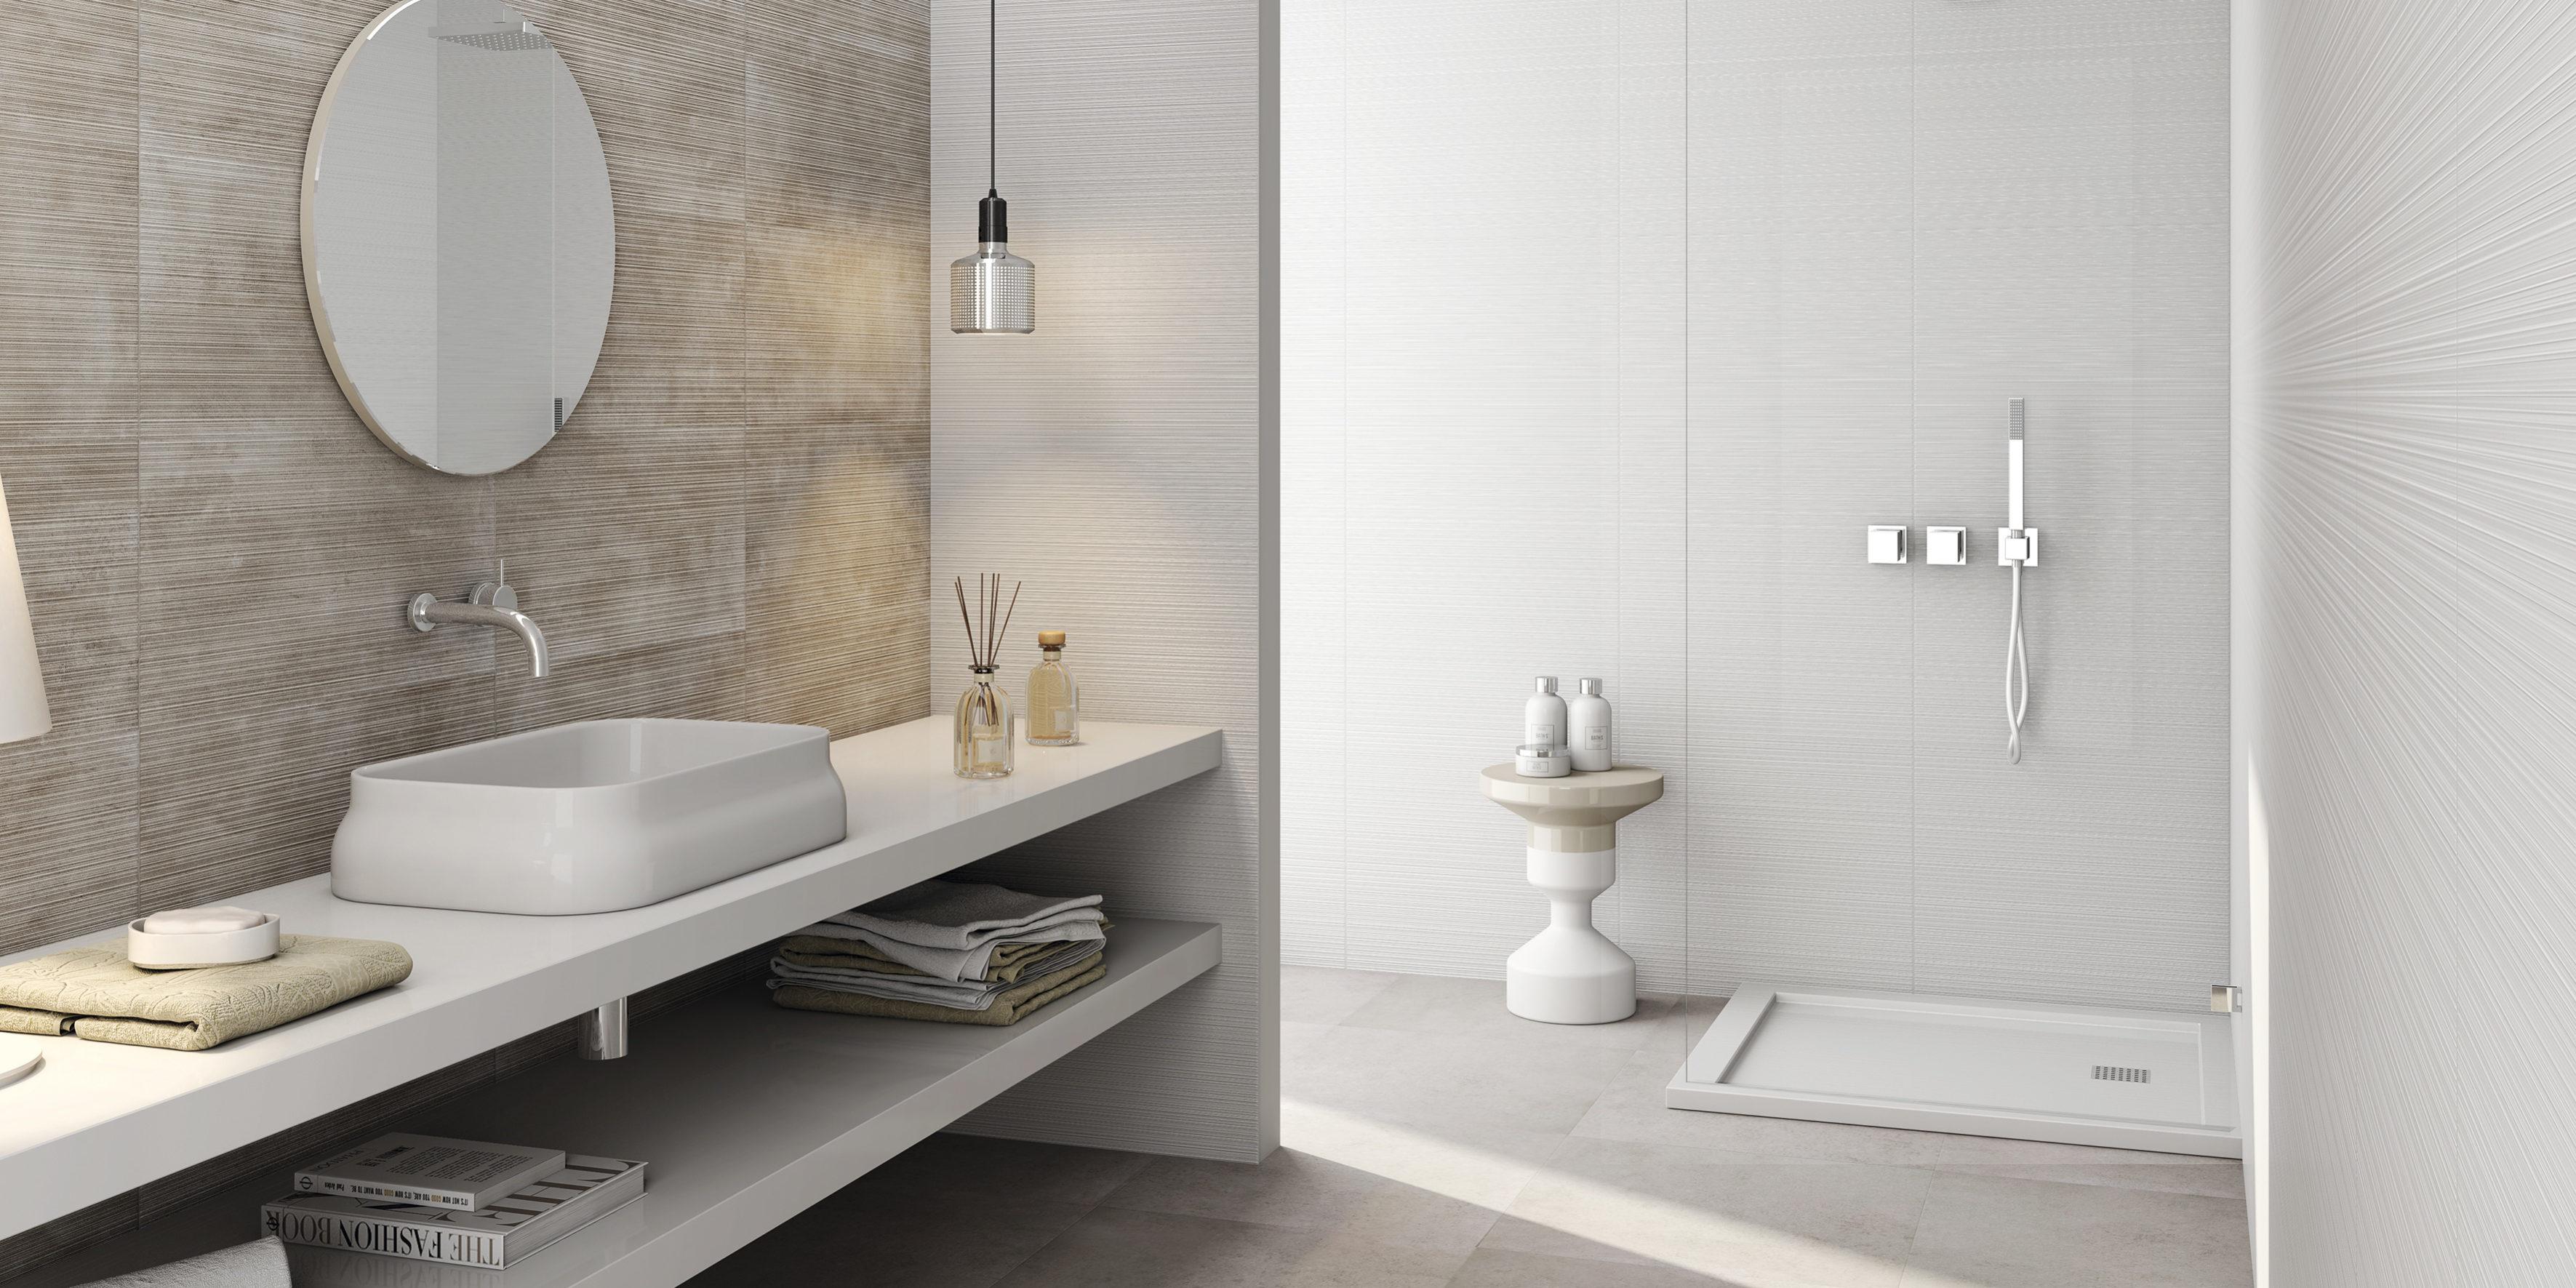 Cuánto cuesta la reforma de un cuarto de baño? - Pepe Matega